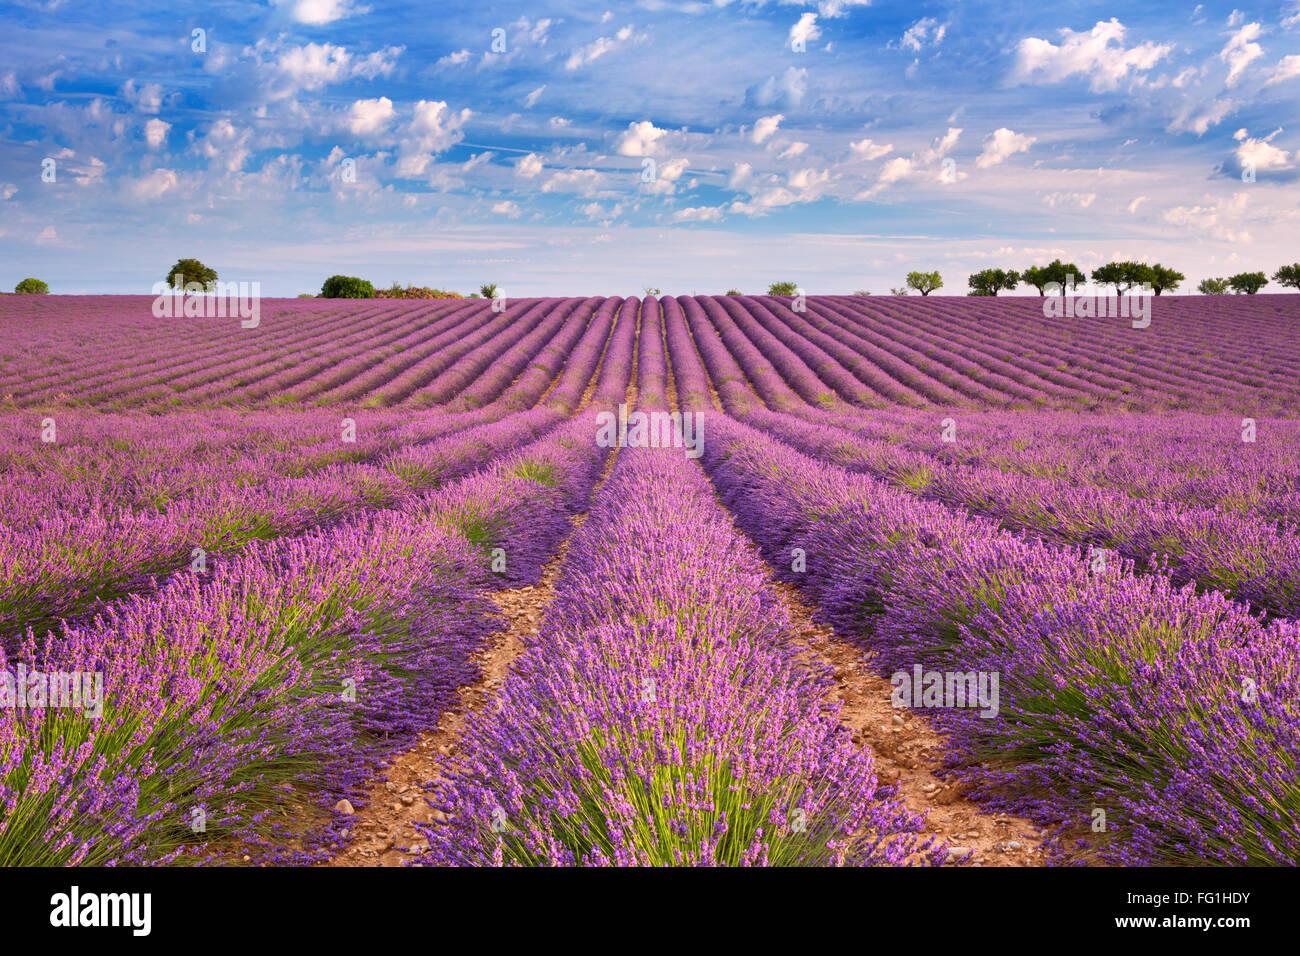 Les champs de lavande en fleurs sur le plateau de Valensole en Provence dans le sud de la France. Photo Stock